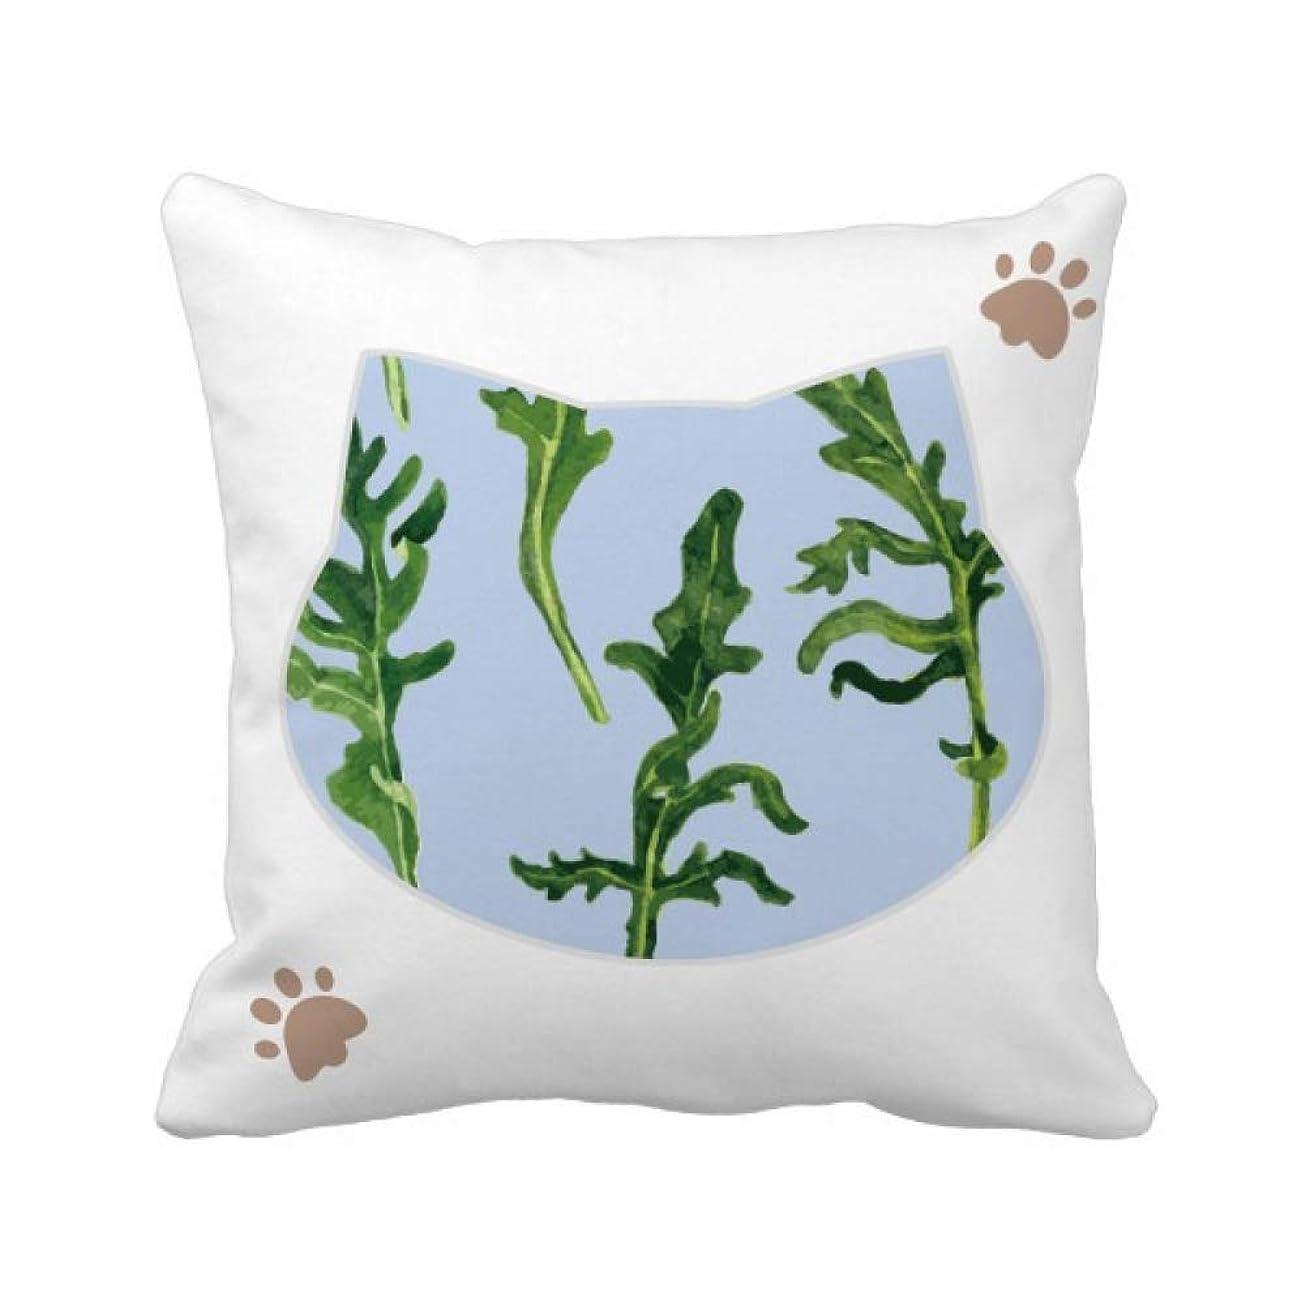 熟す尊敬する姓シダ植物の葉の描画のアート 枕カバーを放り投げる猫広場 50cm x 50cm